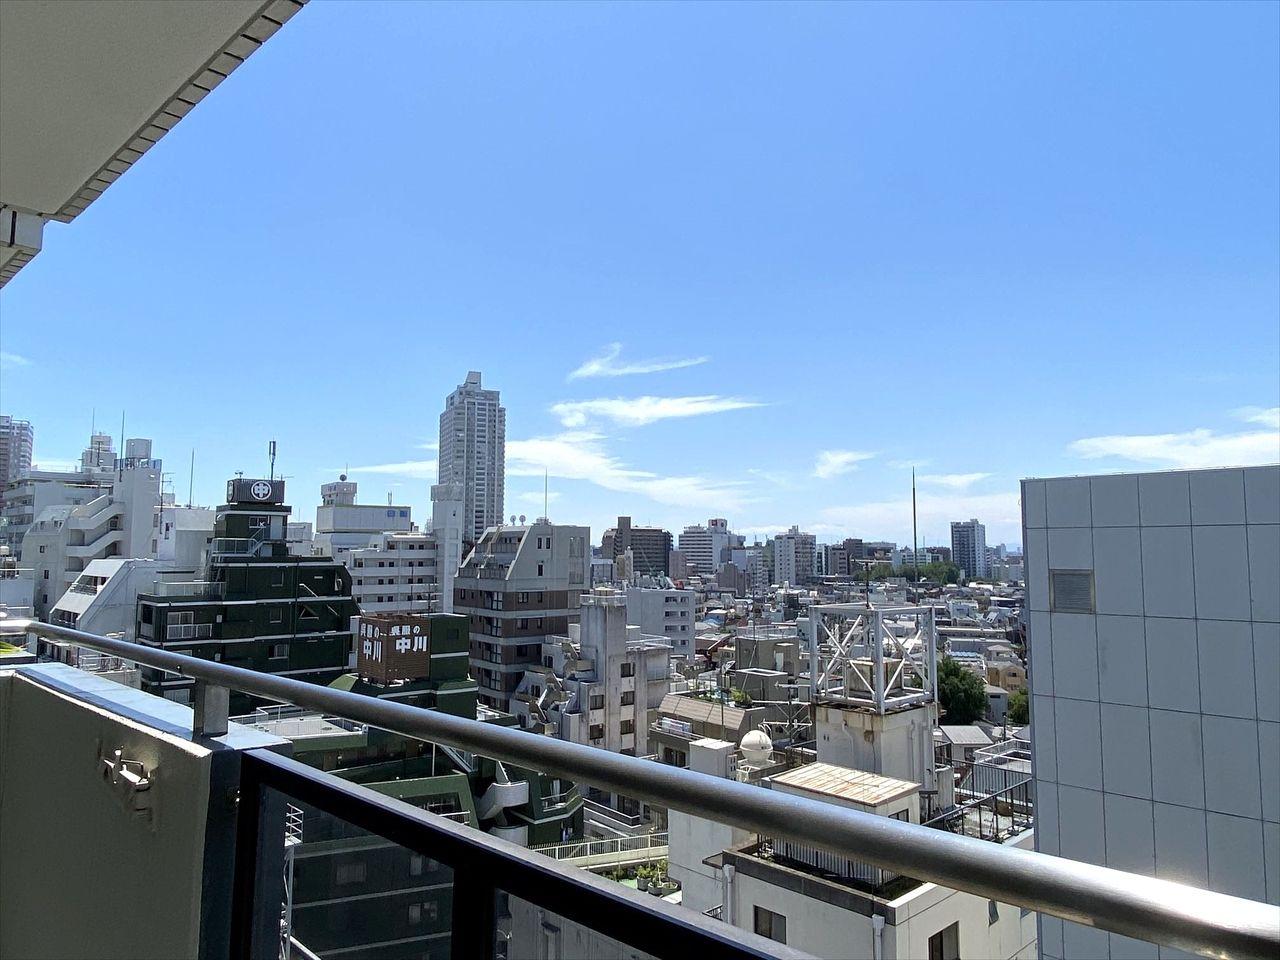 池袋の分譲賃貸マンション 池袋ダイカンプラザ1102号室。最上階のお部屋で日当たり良好、晴れた日には富士山も見えます。ファミリー向きのお部屋ですがルームシェアも可能です。